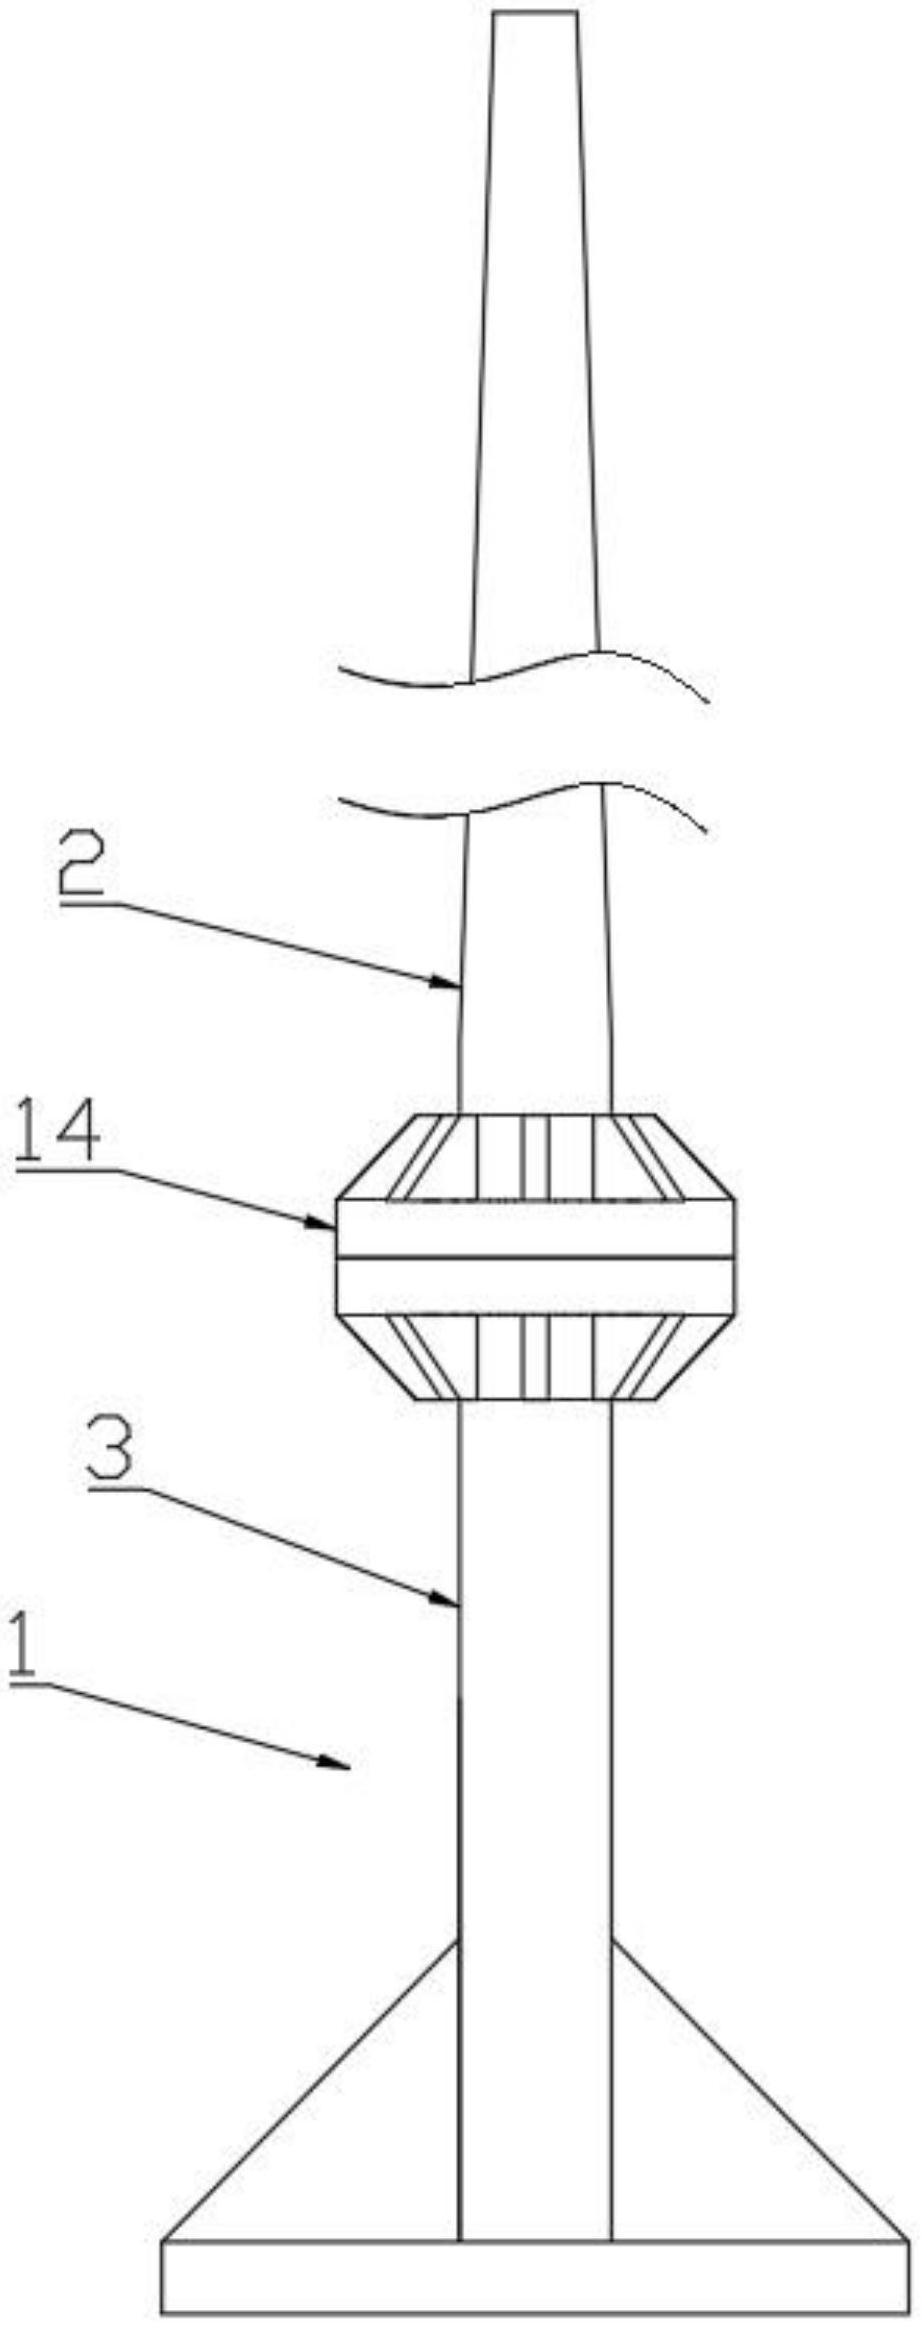 一种防晃动的风力发电架